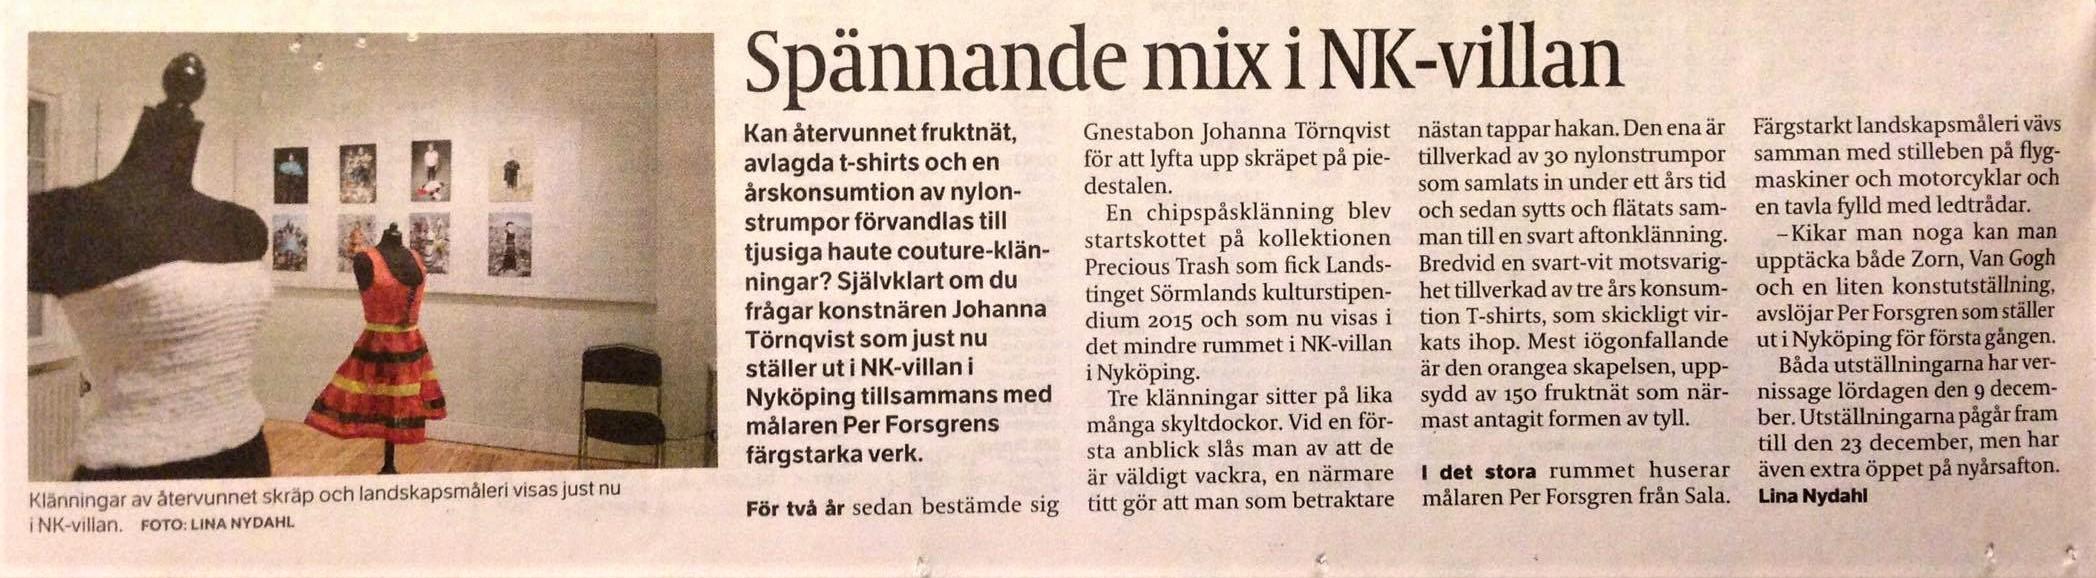 Spännande mix på NK-villan